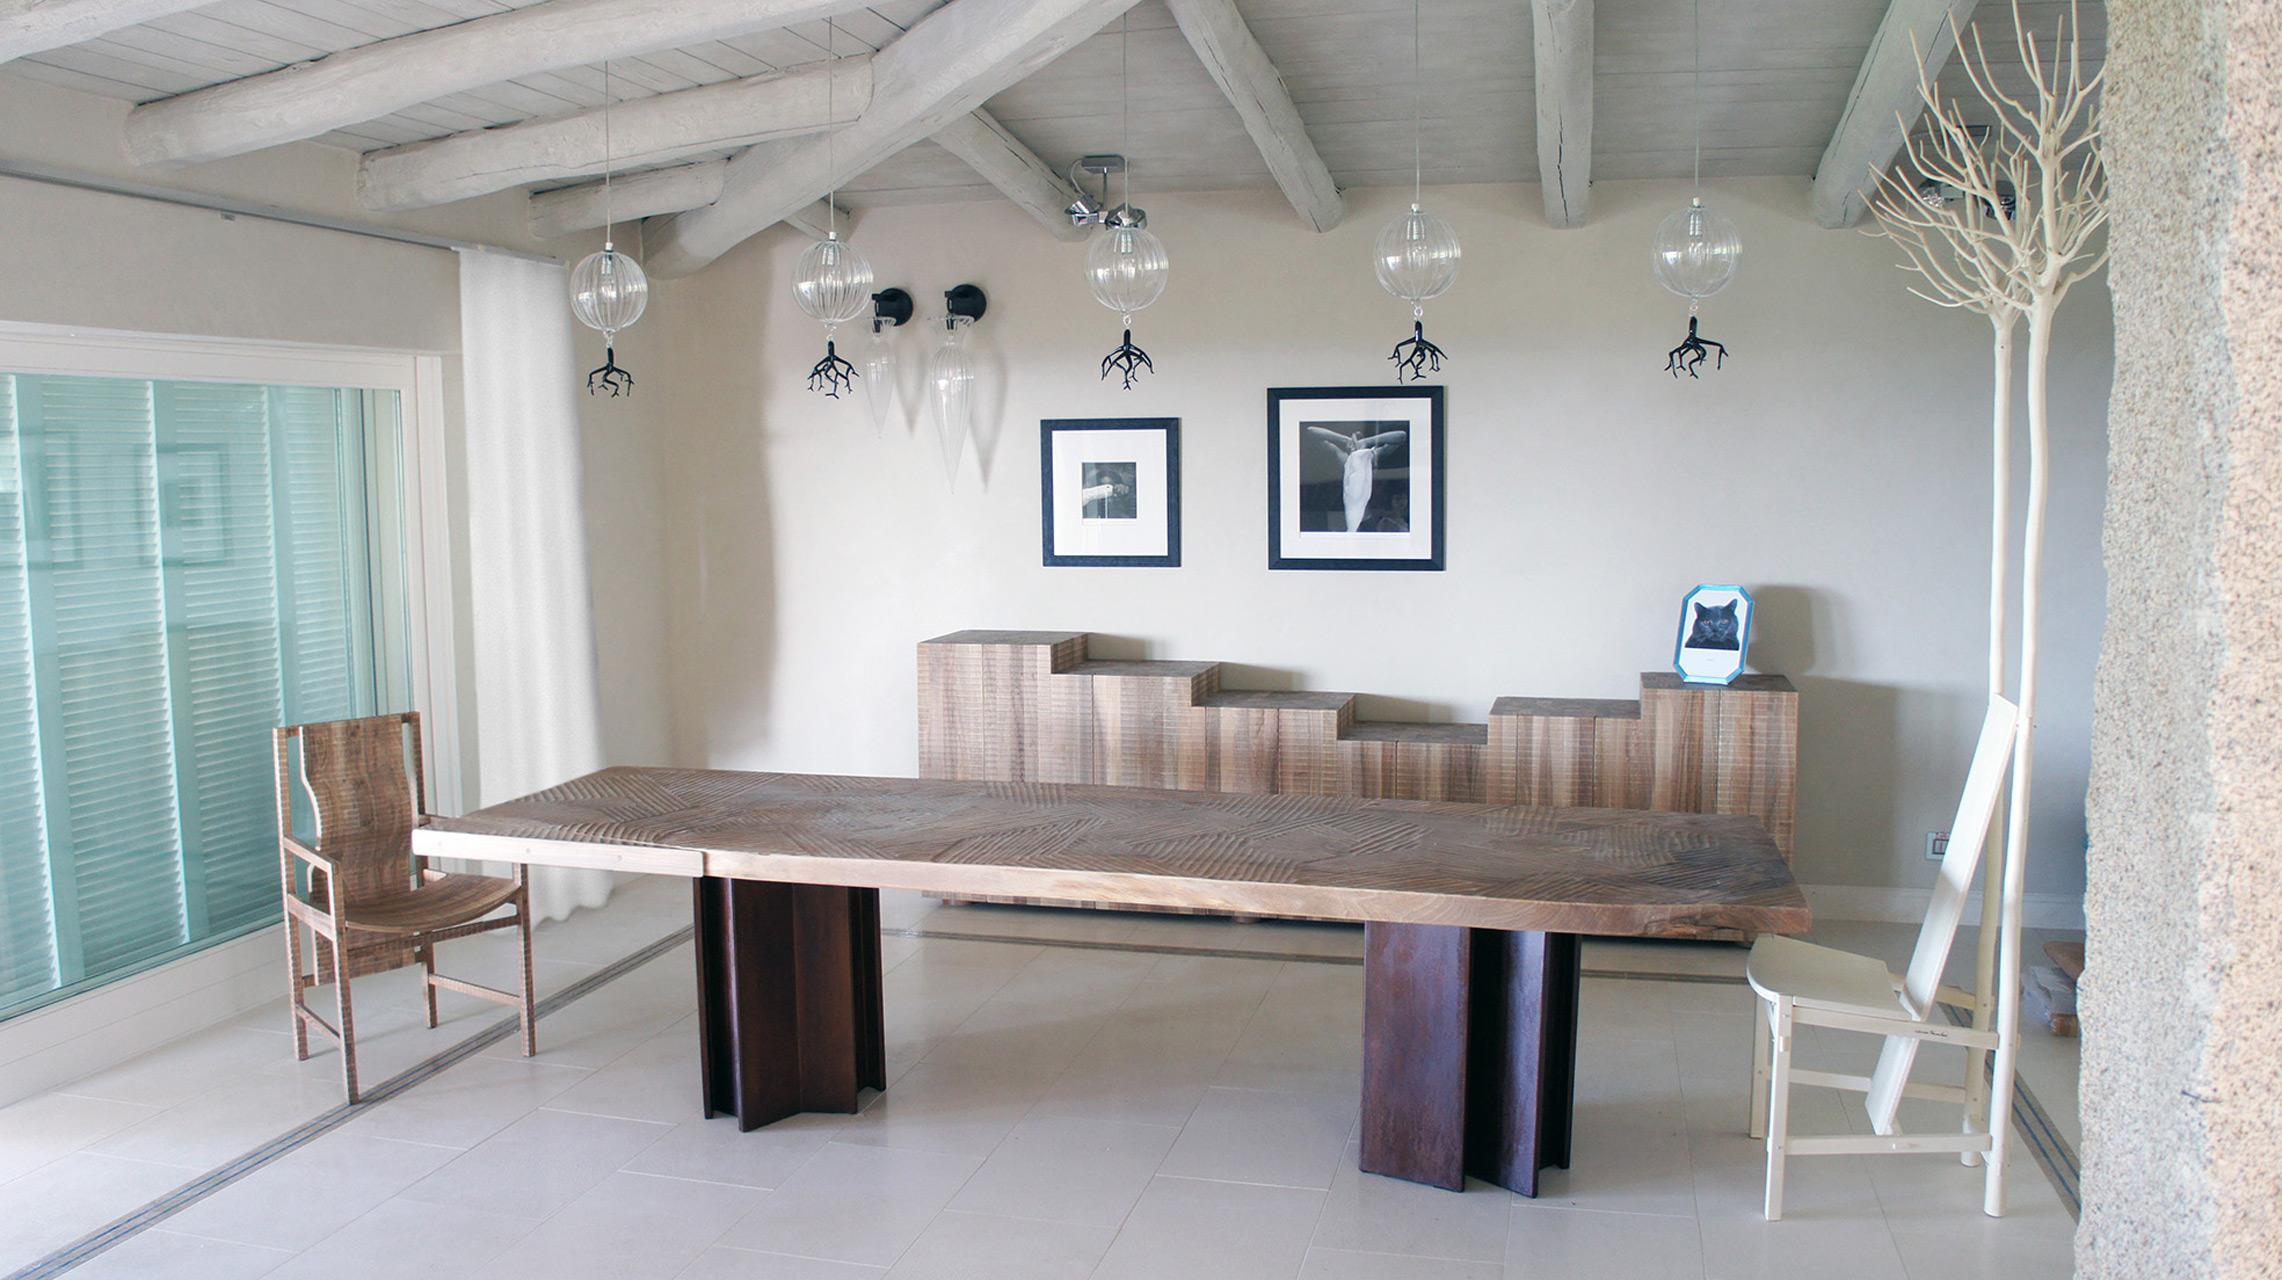 Produzione Sedie E Tavoli In Legno.Tavoli E Sedie In Legno Artigiani Produttori Di Tavoli E Sedie